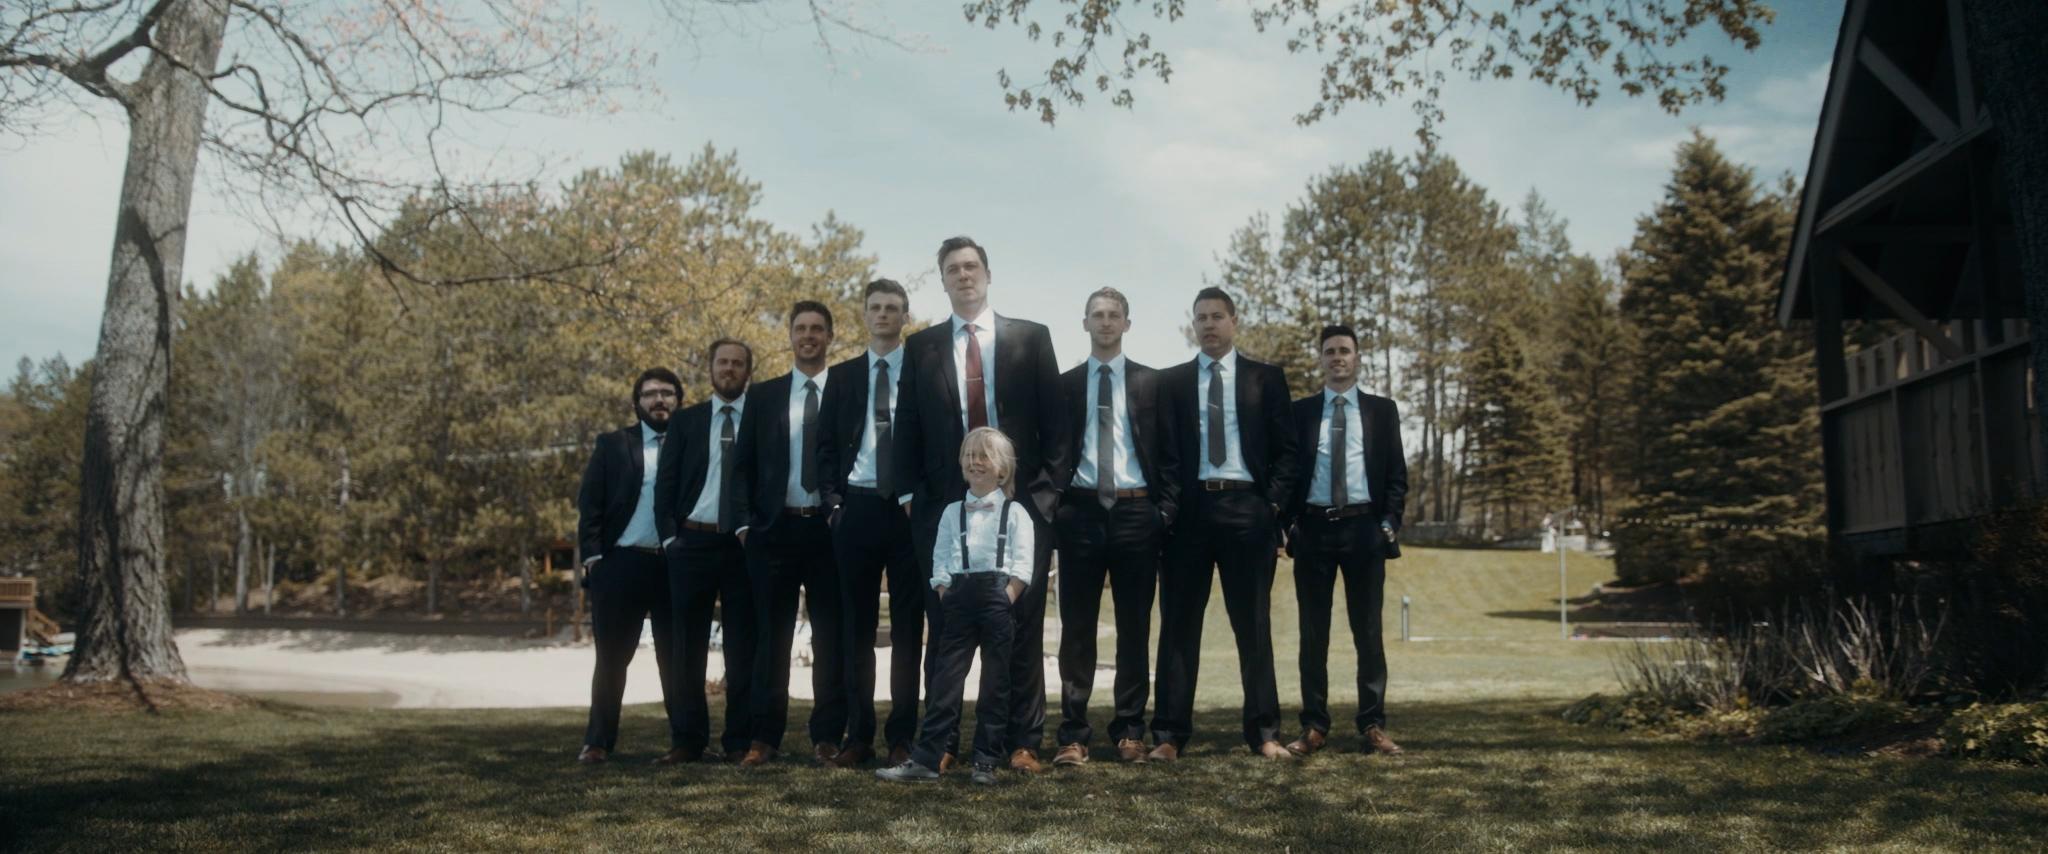 HAVENS_Wedding_Film.00_02_06_14.Still024.jpg